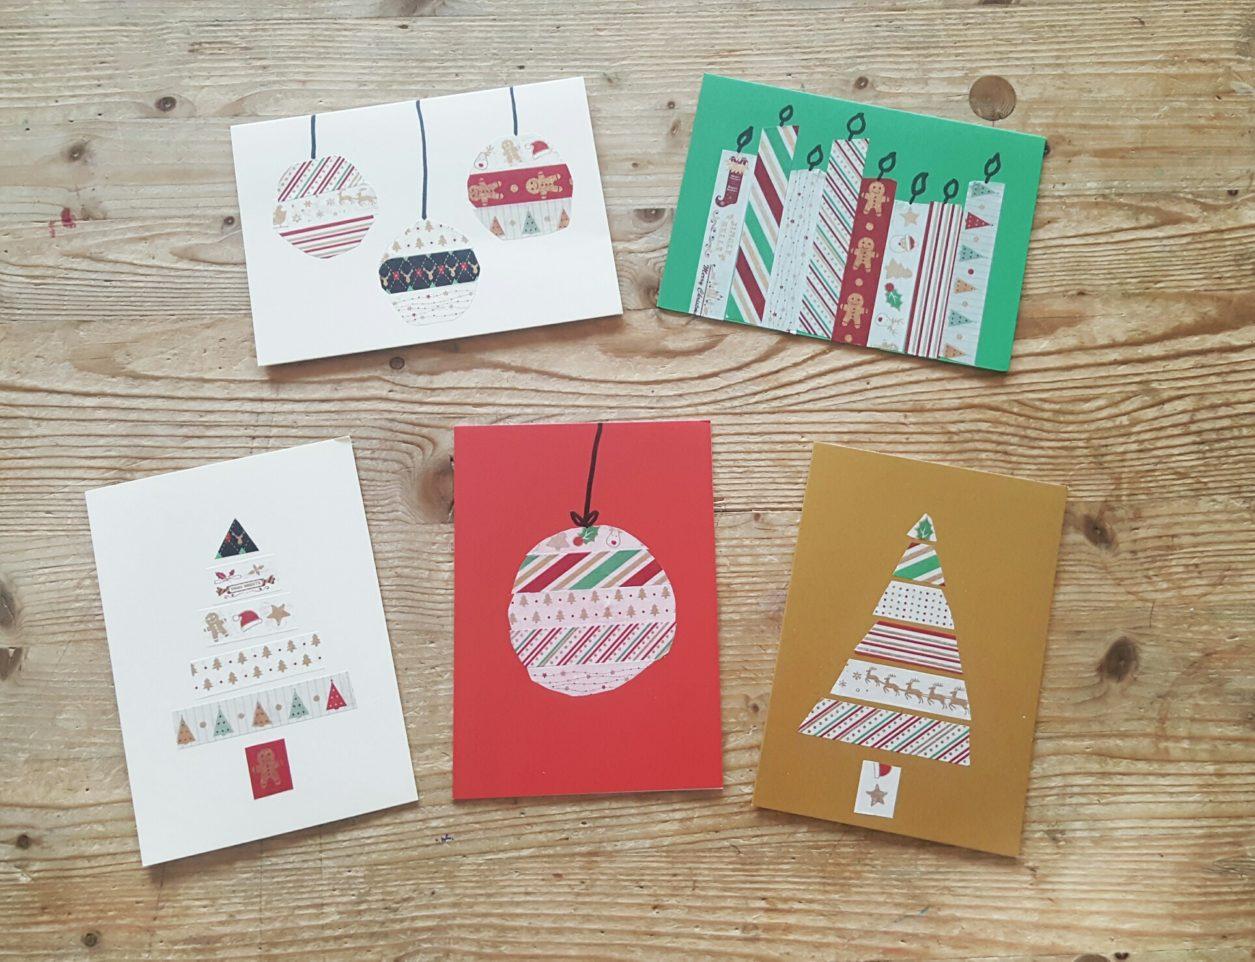 Kinderleichte Weihnachtskarten mit Washi Tape gestalten